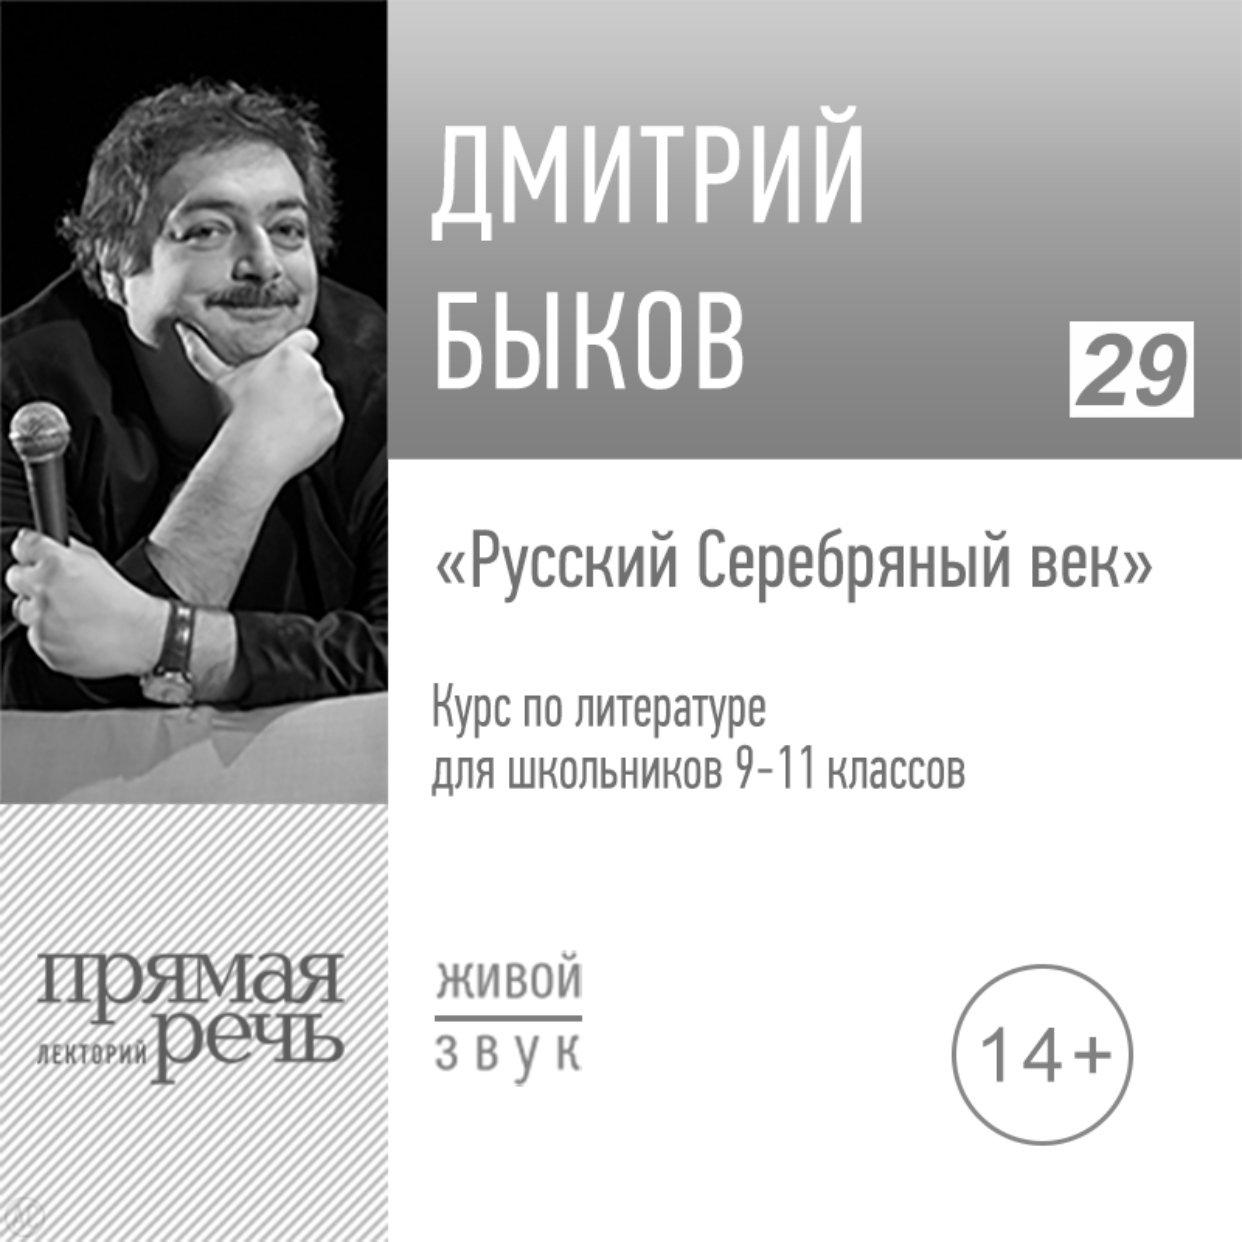 Русский Серебряный век. Литература. 9-11 класс